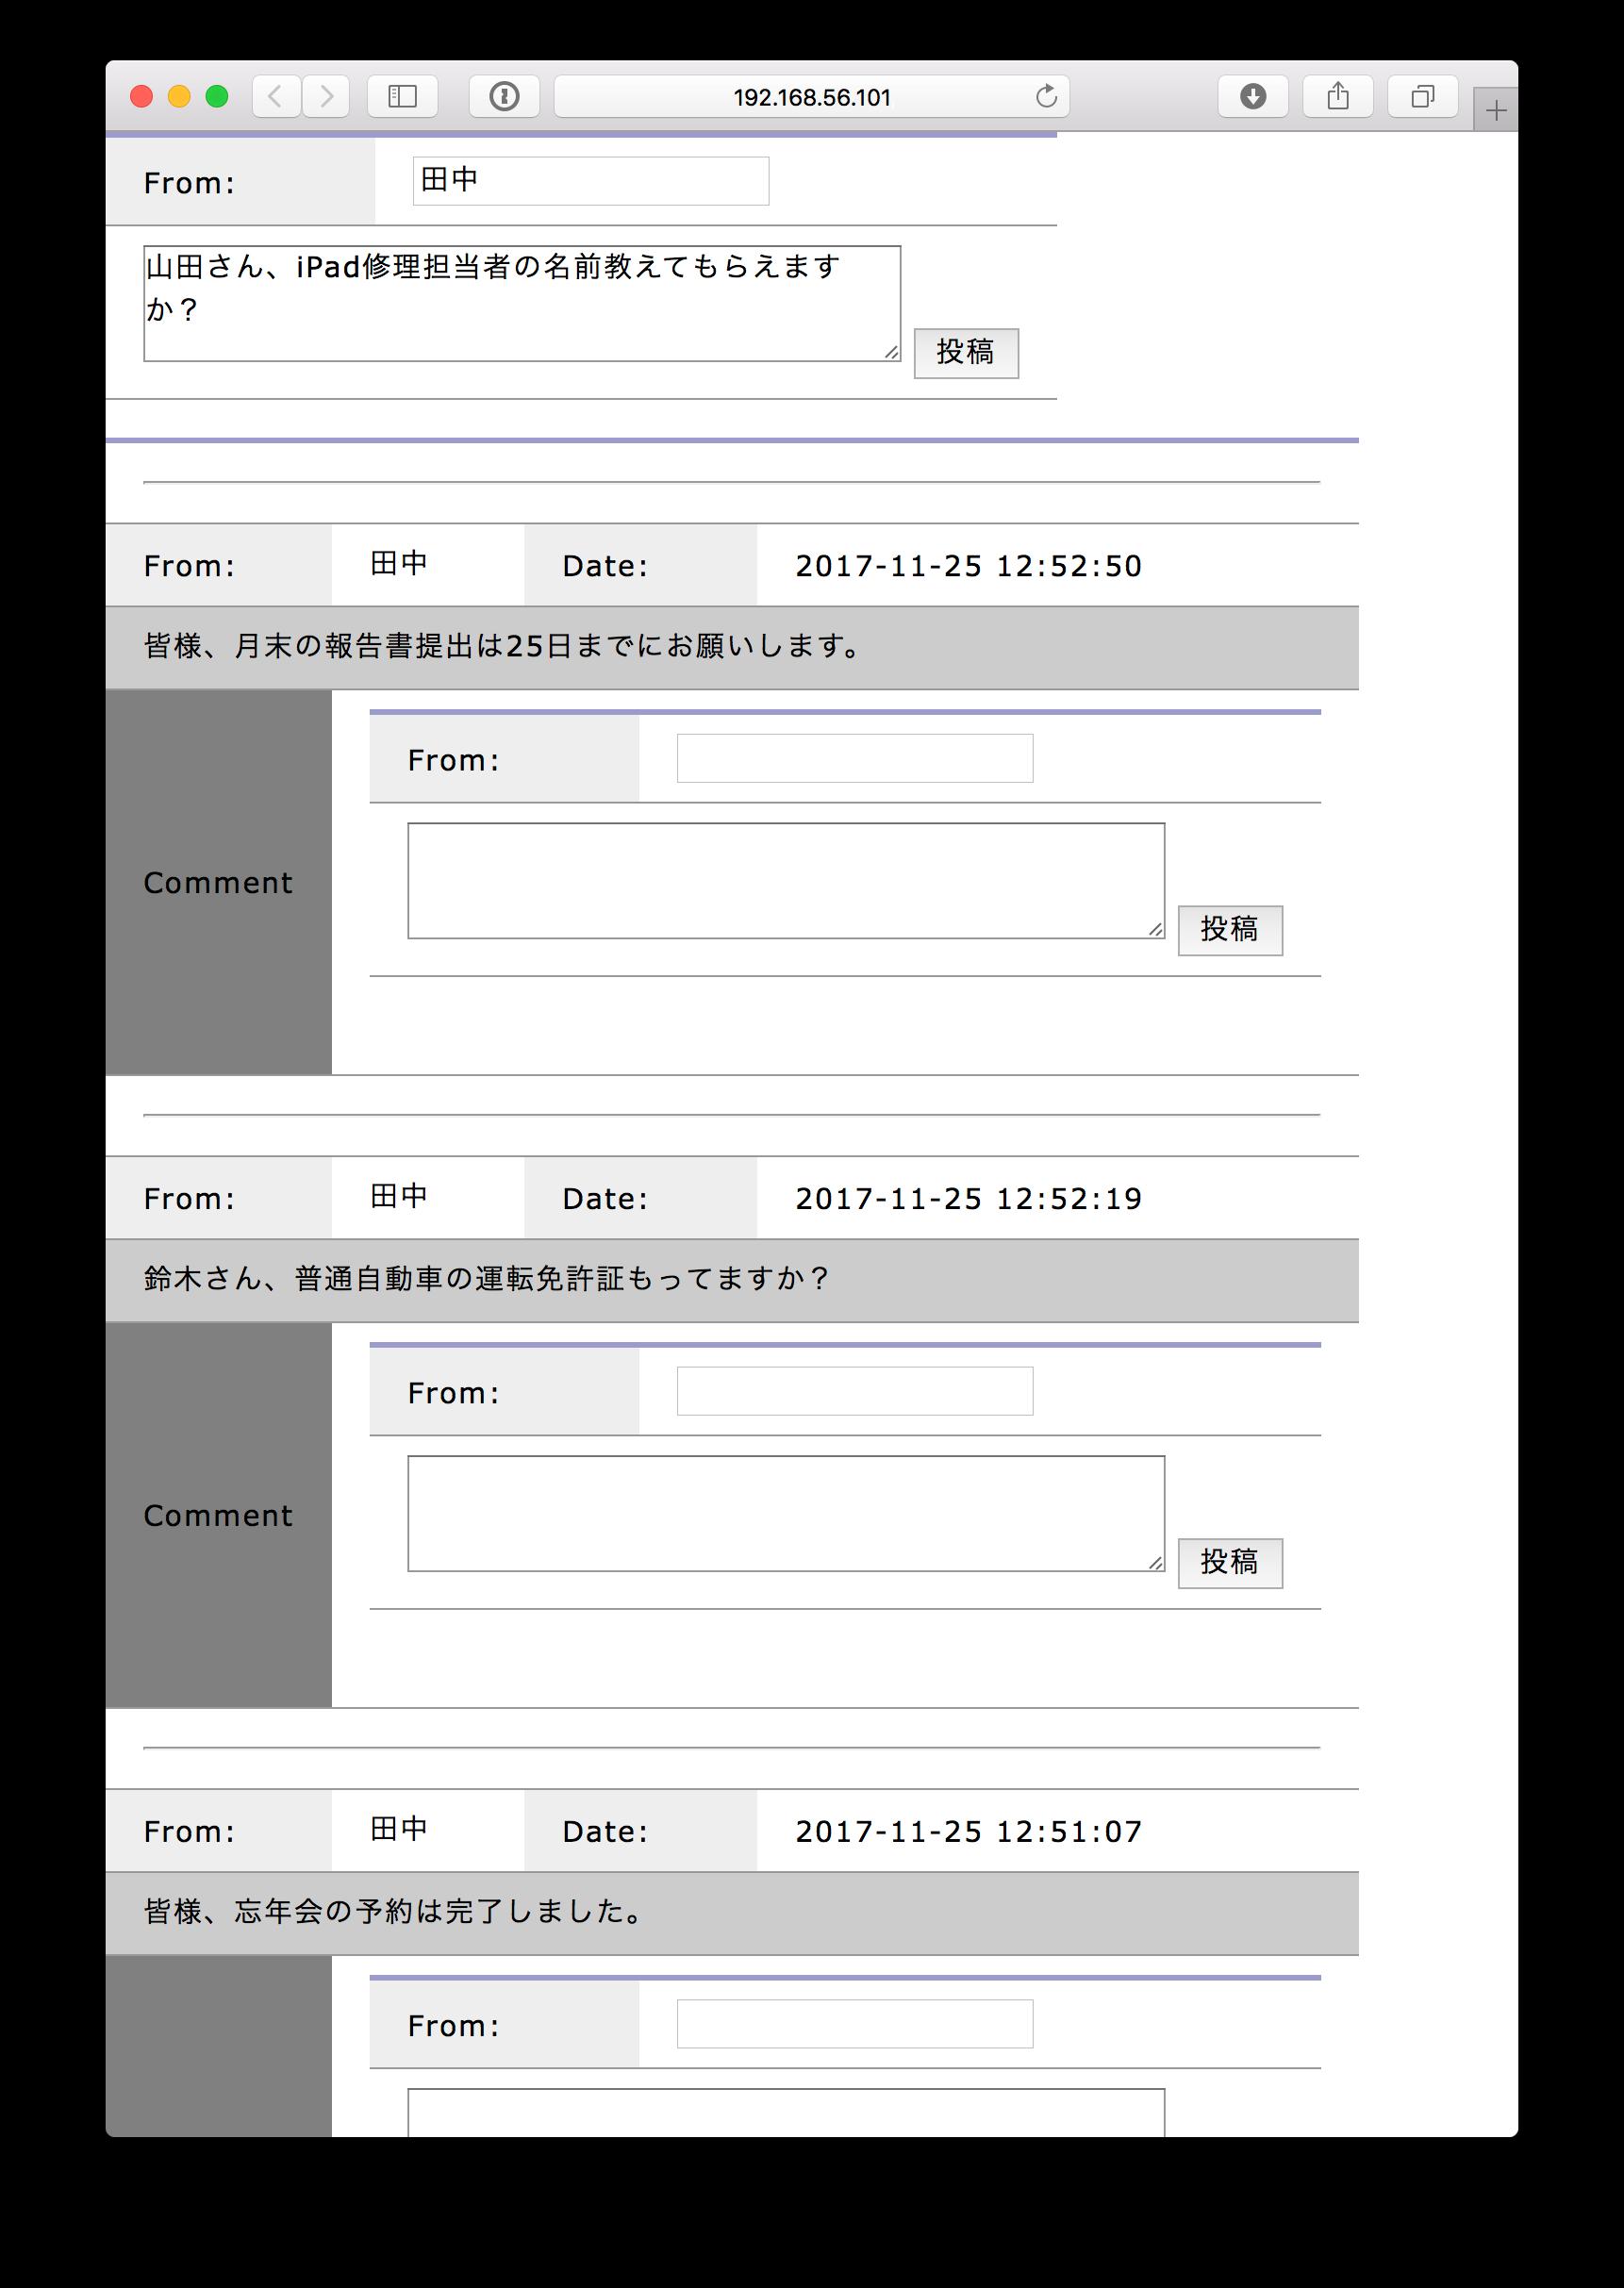 スクリーンショット 2017-11-25 12.53.33.png